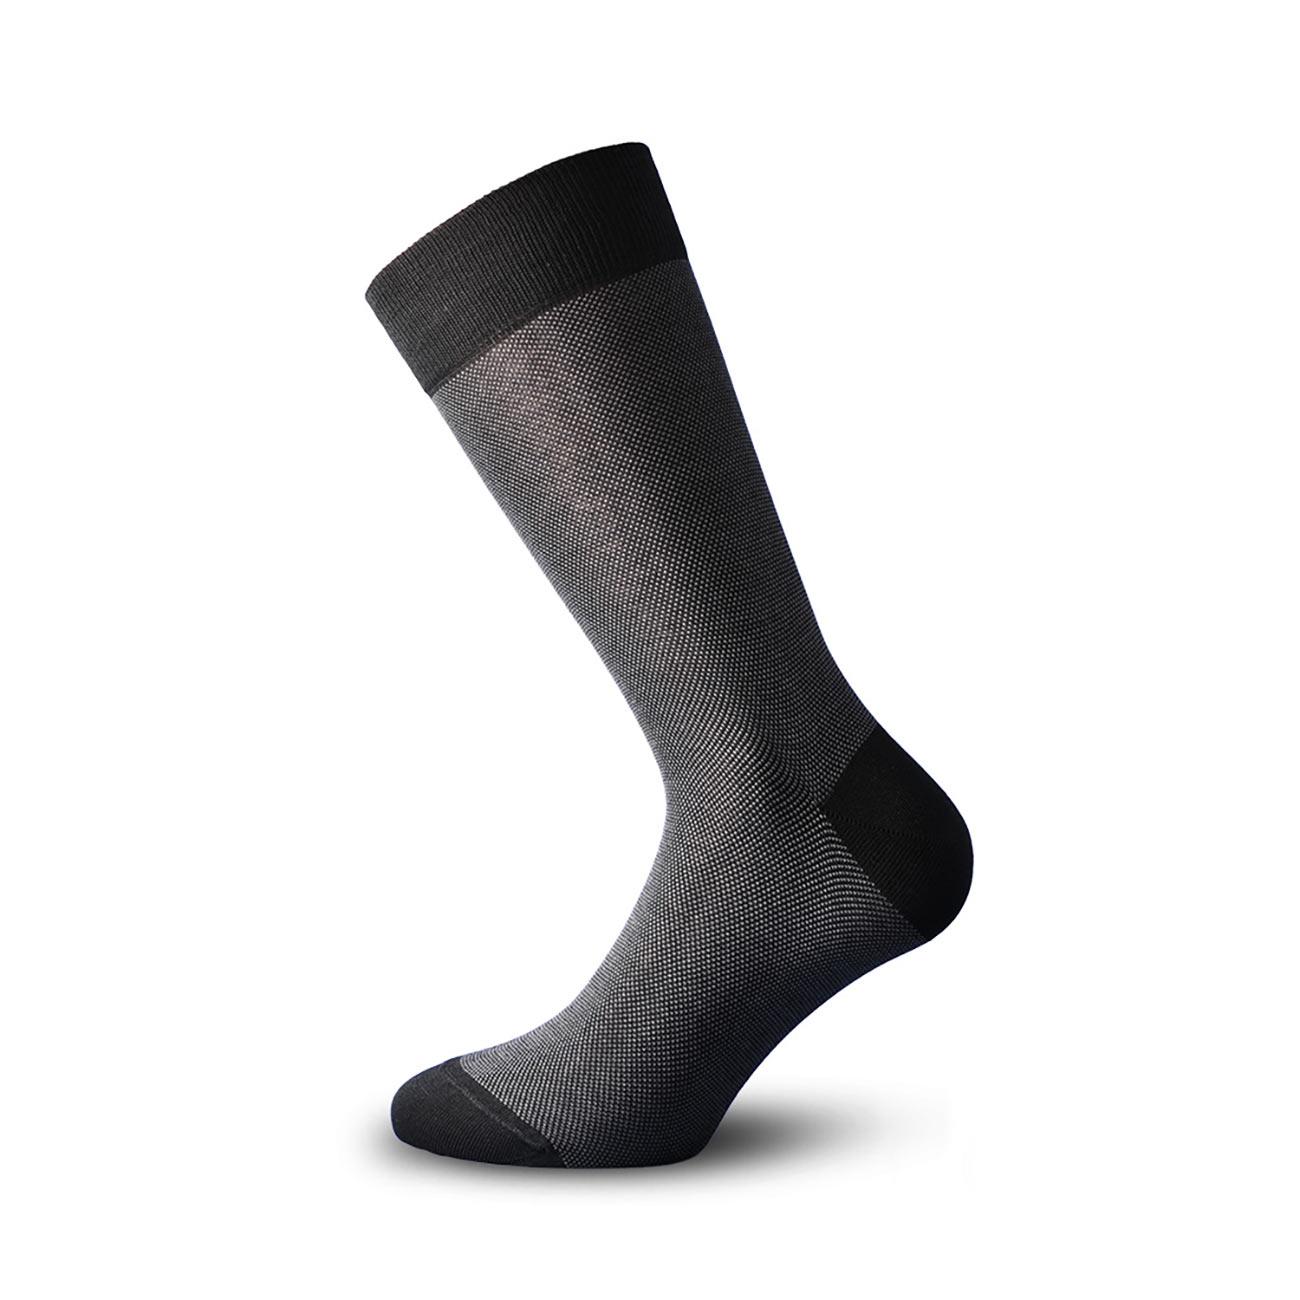 Ανδρική κάλτσα Walk 116 μαύρη